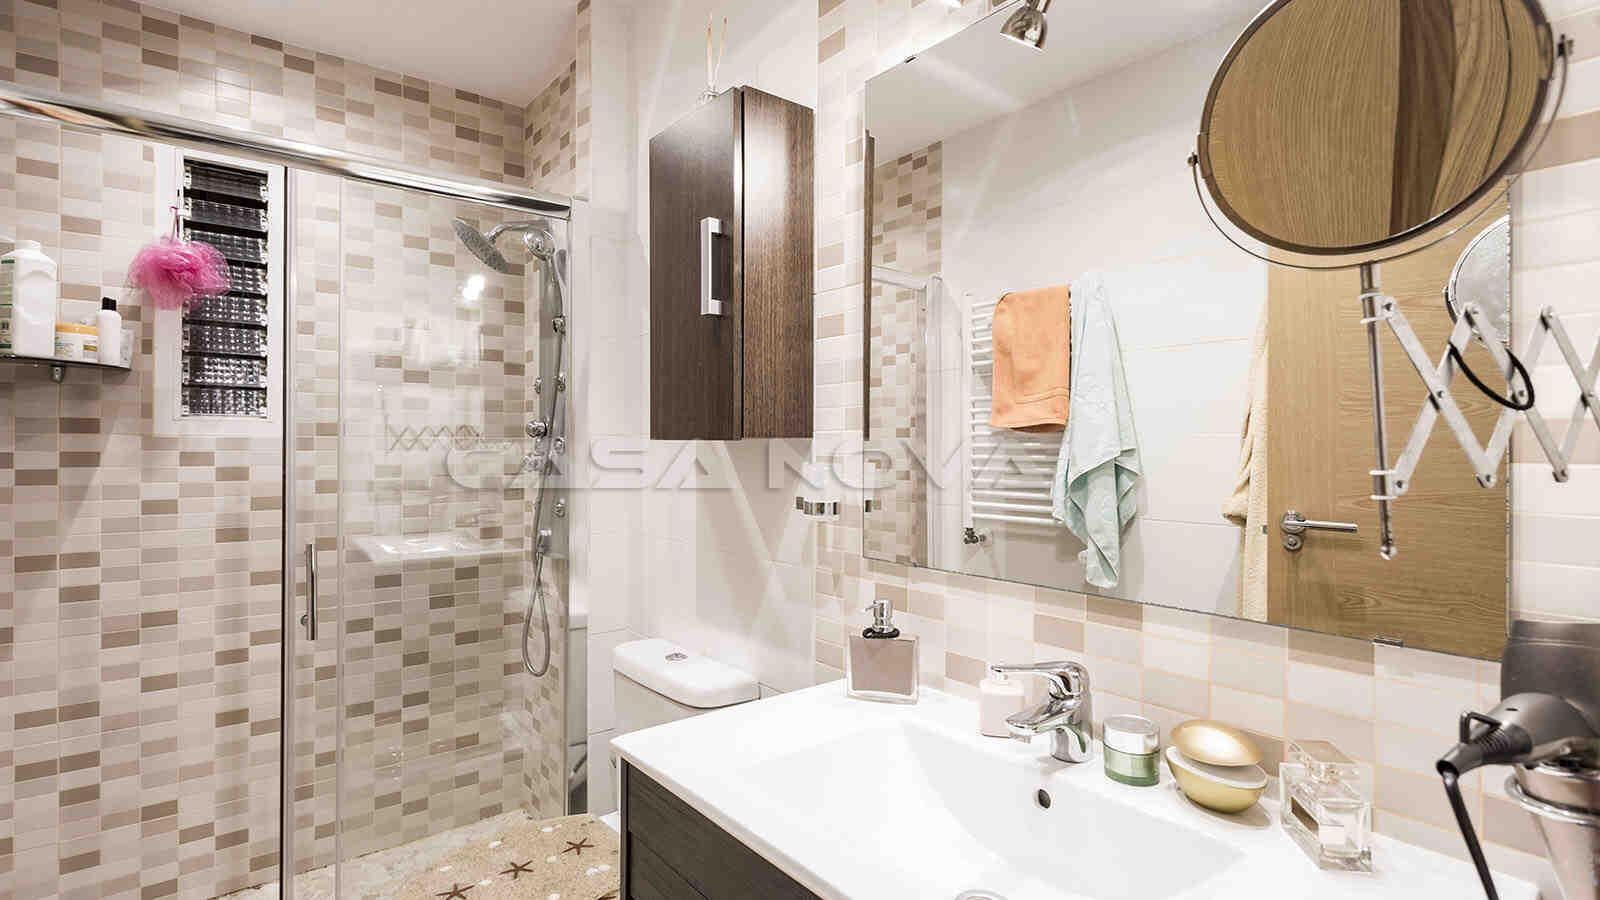 Modernes Badezimmer mit grosser Glasdusche